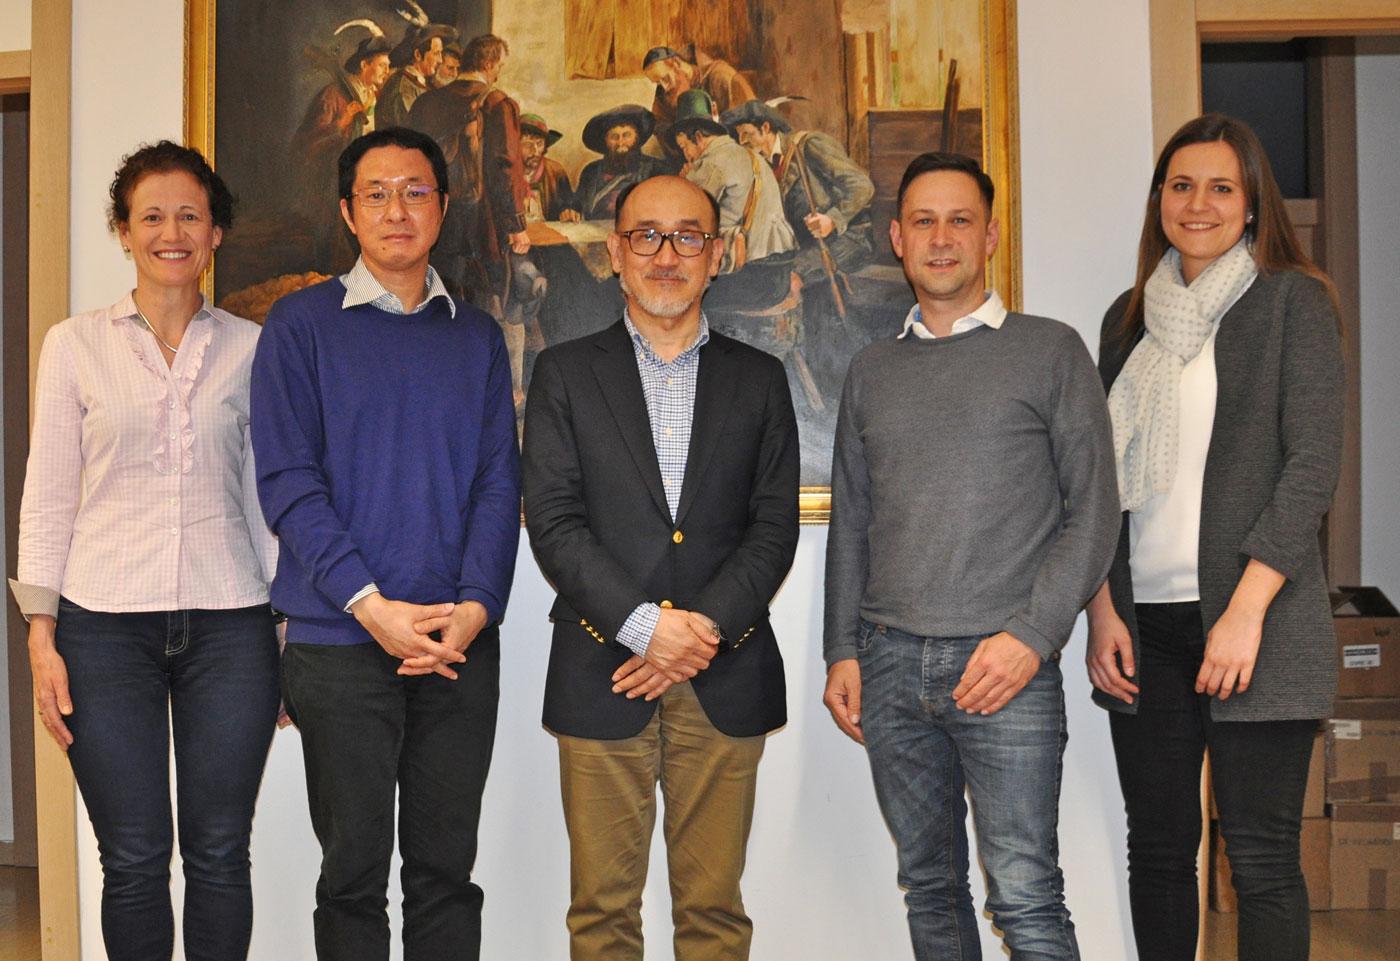 Sprach- und Bildungspolitik: Schützenbund pflegt Meinungsaustausch mit japanischen Universitätsprofessoren